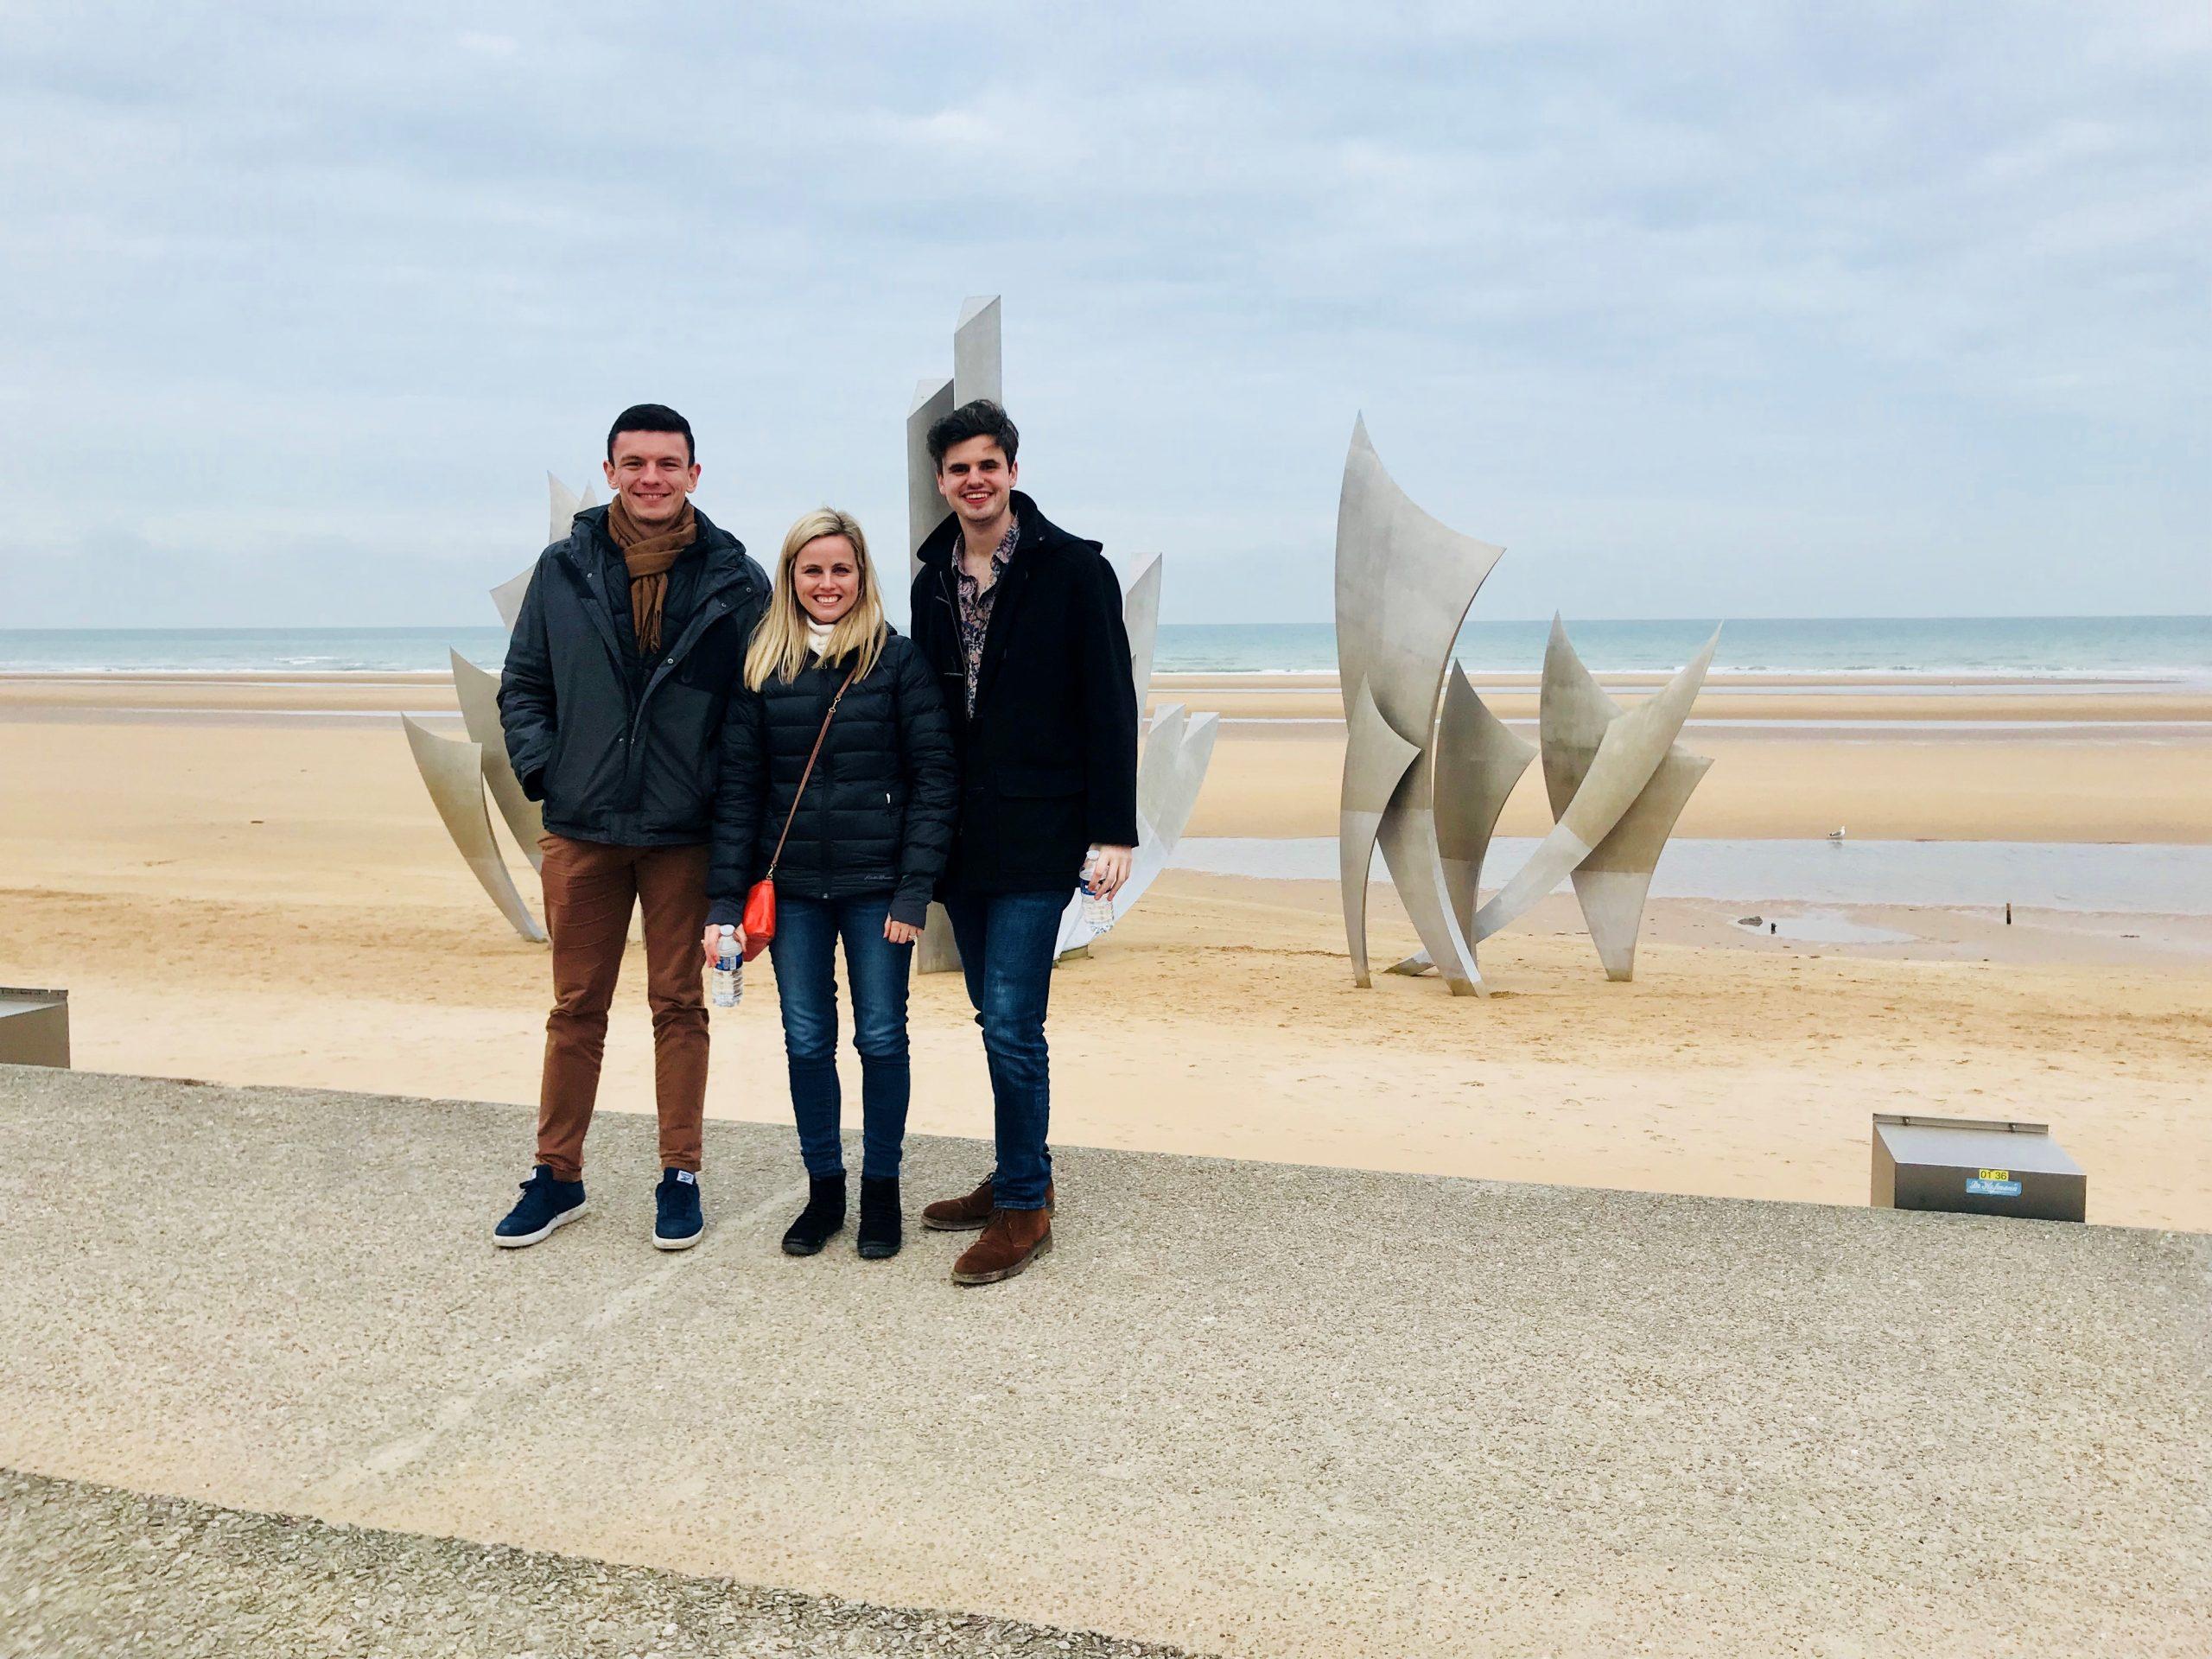 Amy, Nic, and Rodolphe Omaha Beach